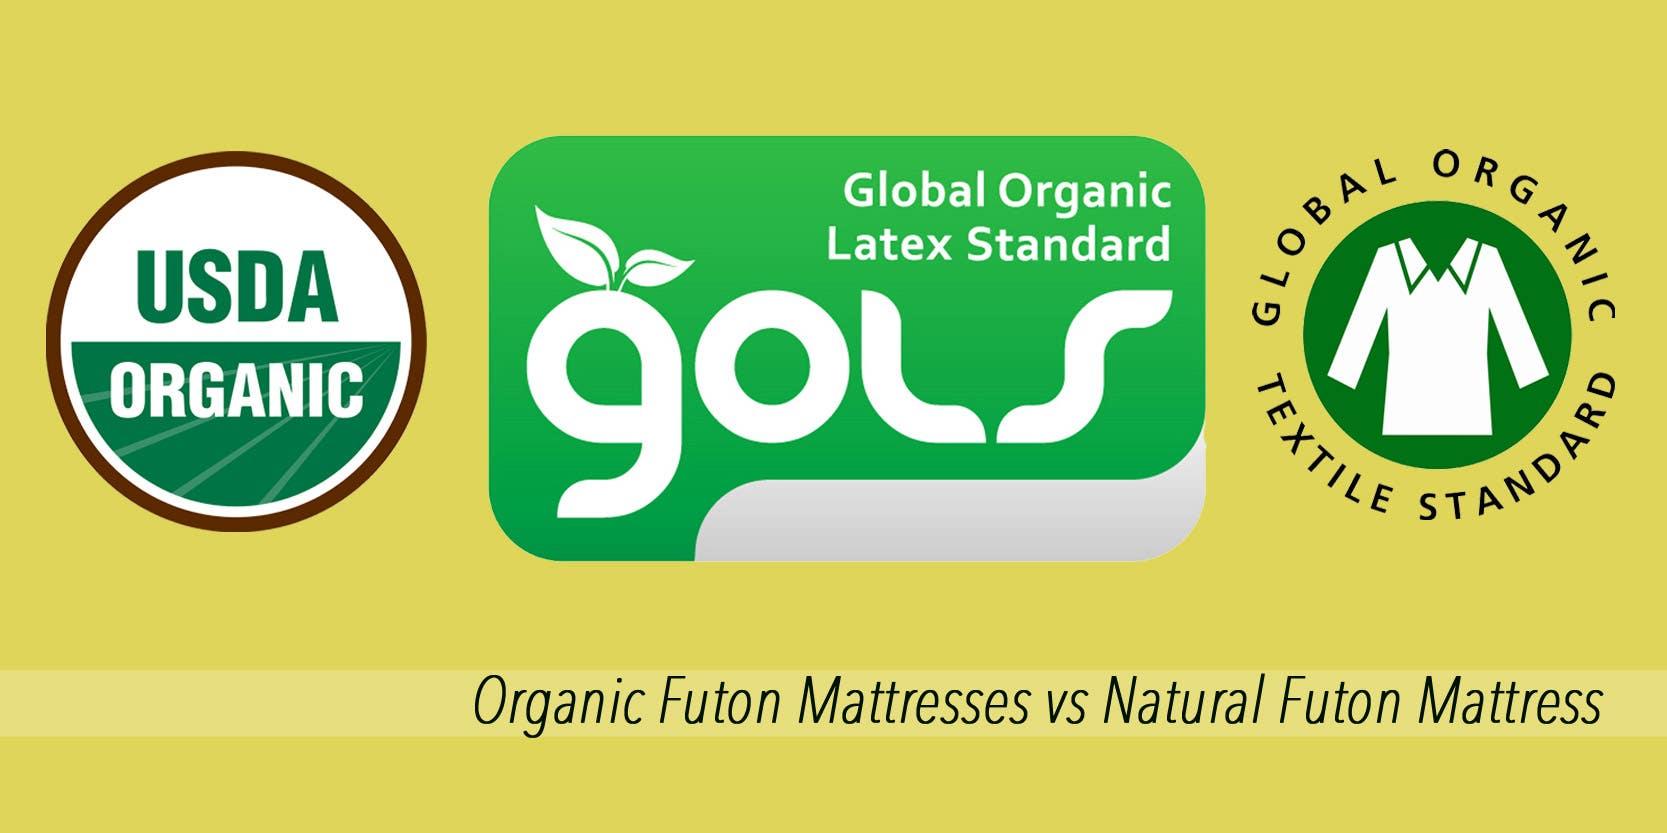 Organic Futon Mattresses vs Natural Futon Mattress